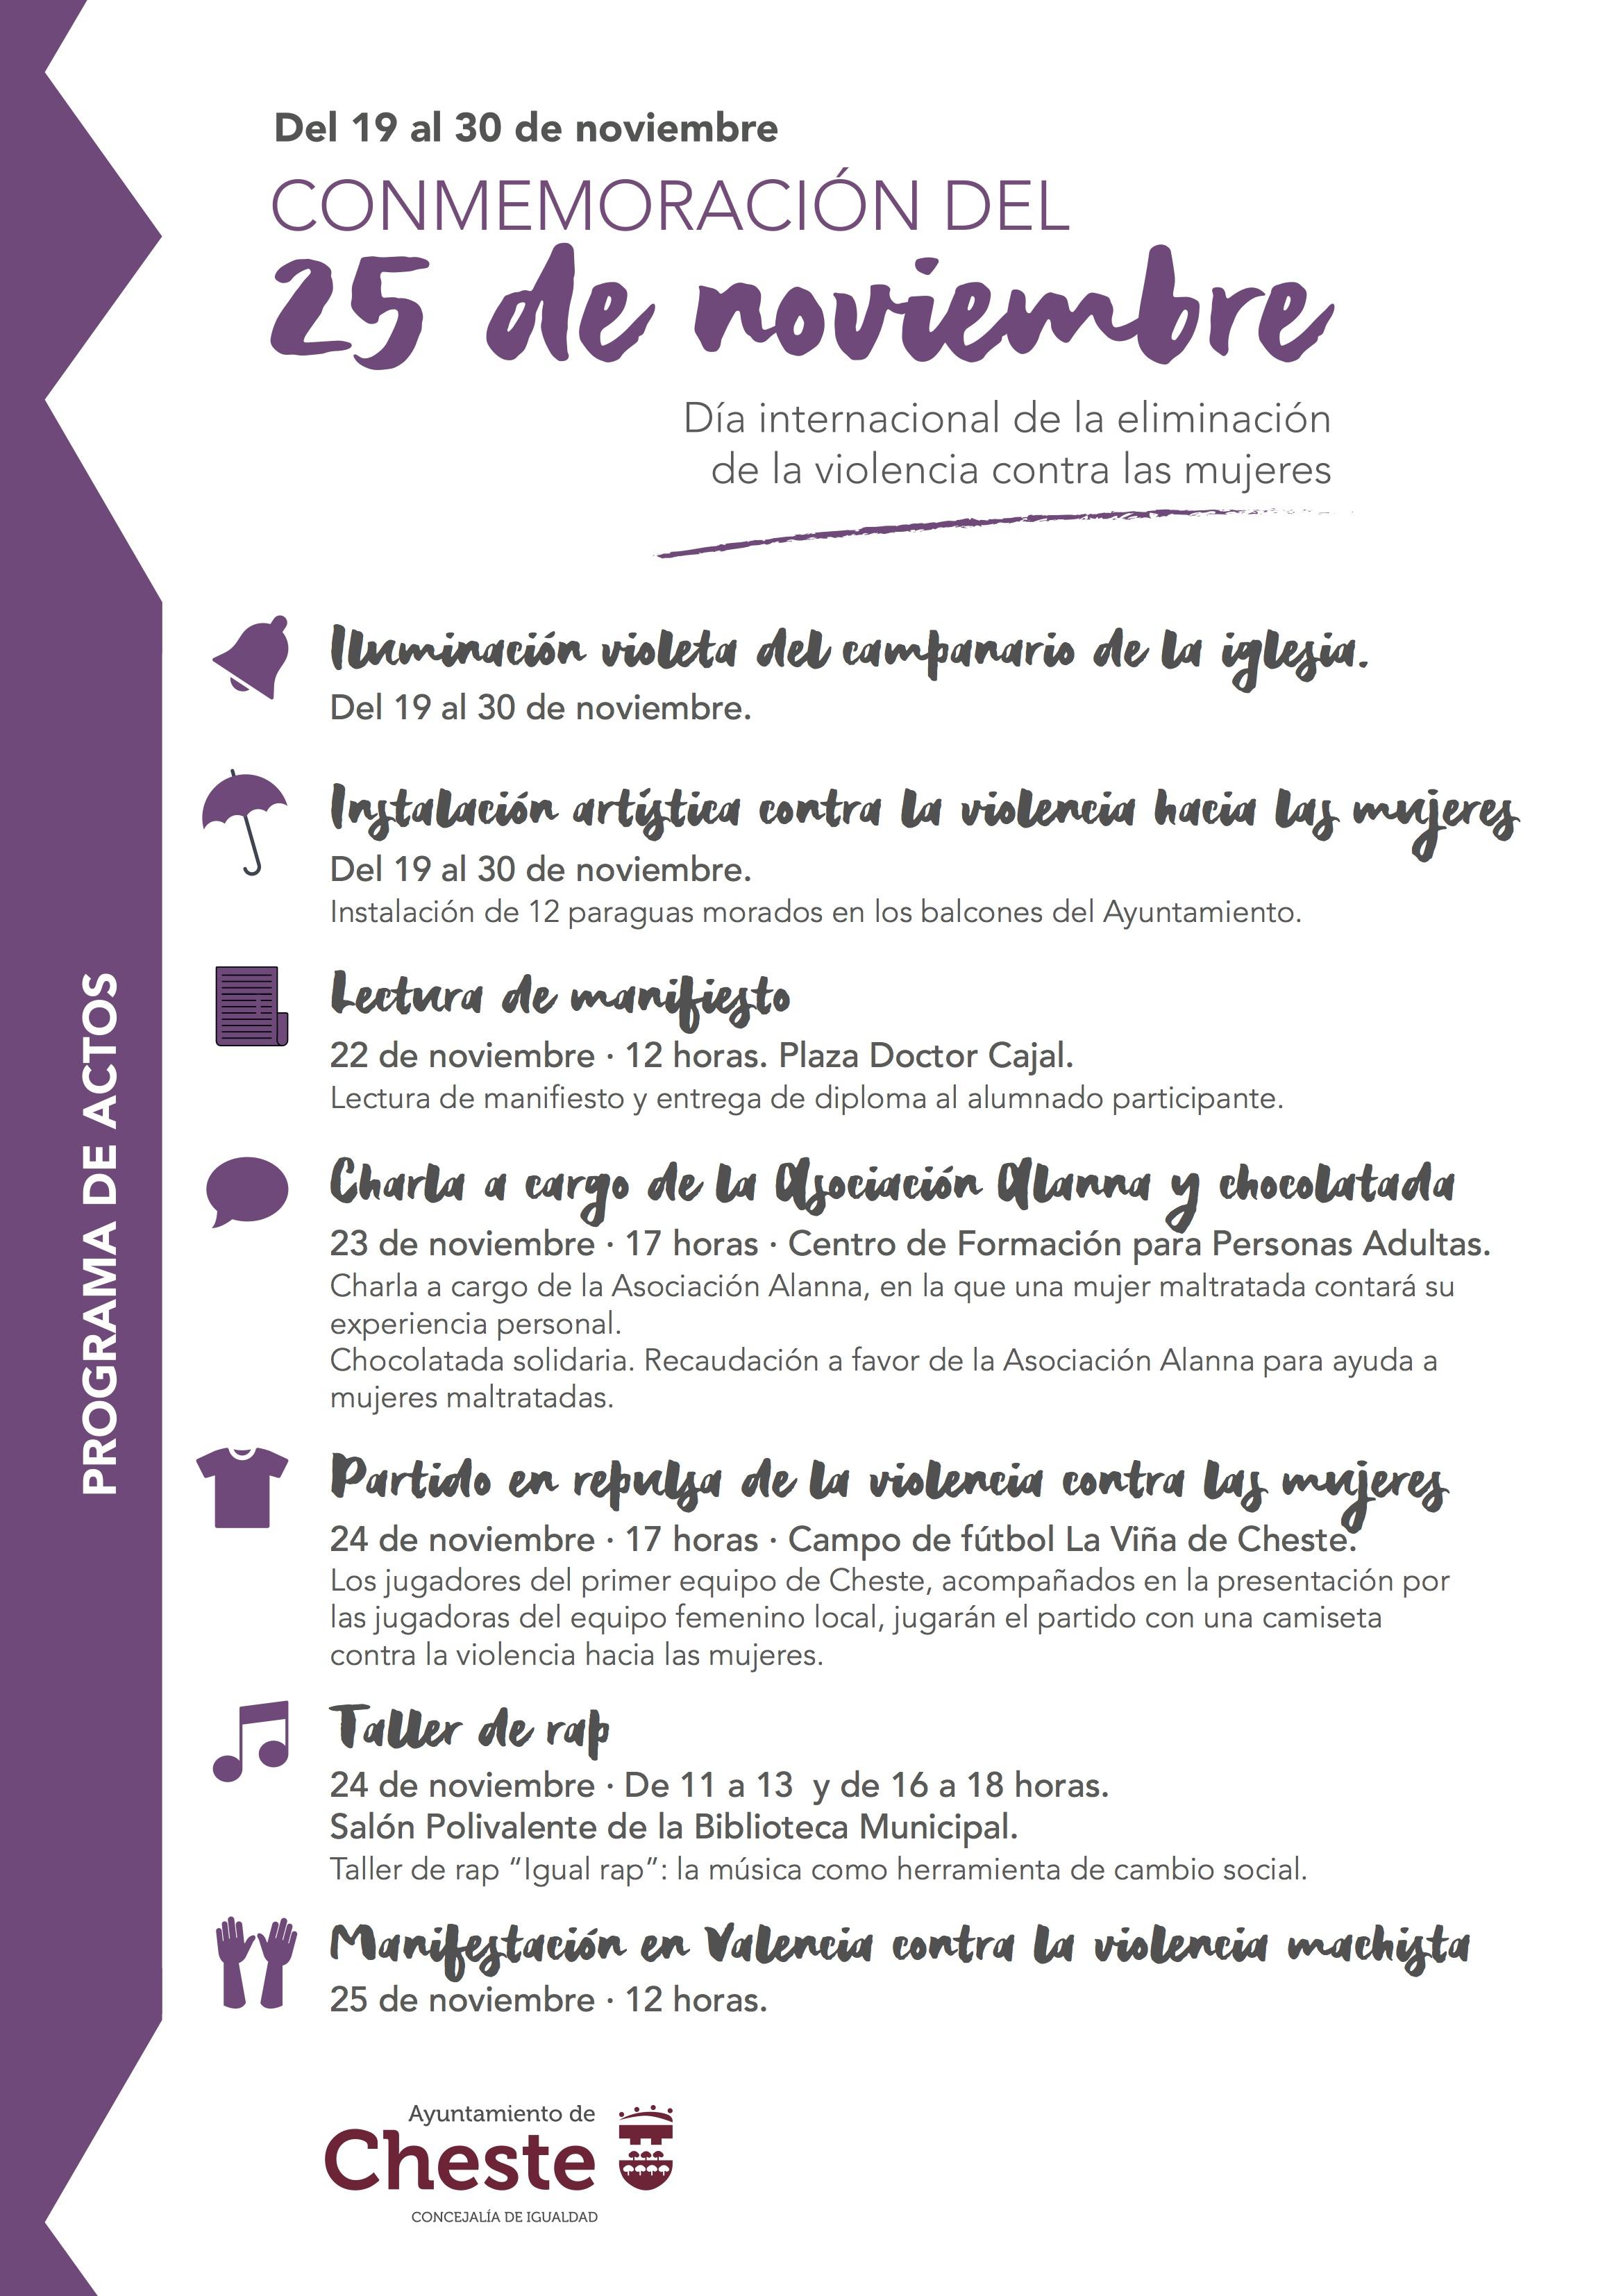 Programa de actos conmemorativos del Día Internacional de la Eliminación de la Violencia Contra las Mujeres.